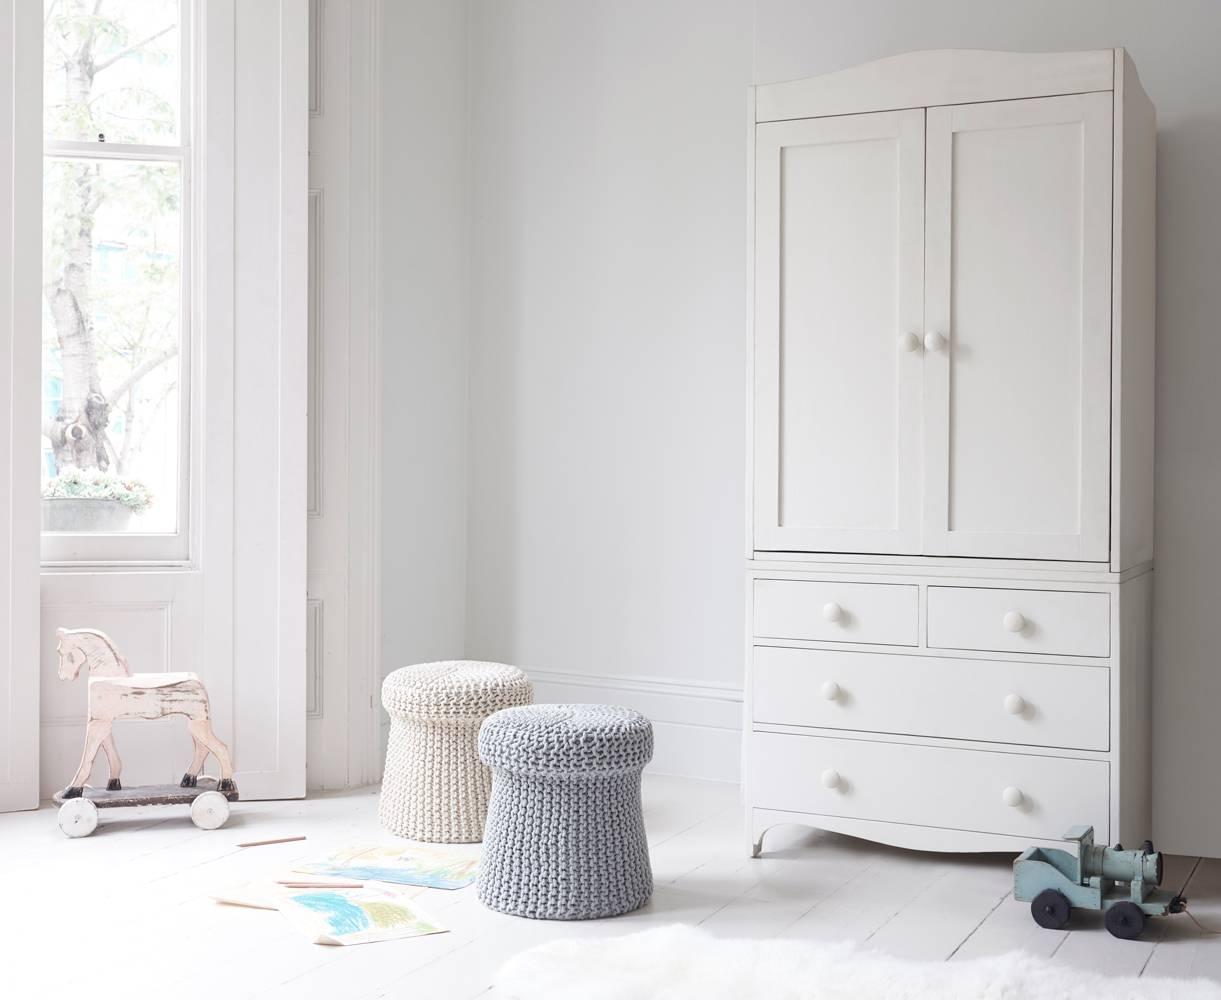 Tinks Kids' Wardrobe | Children's White Wardrobe | Loaf regarding Kids Wardrobes With Drawers (Image 15 of 15)